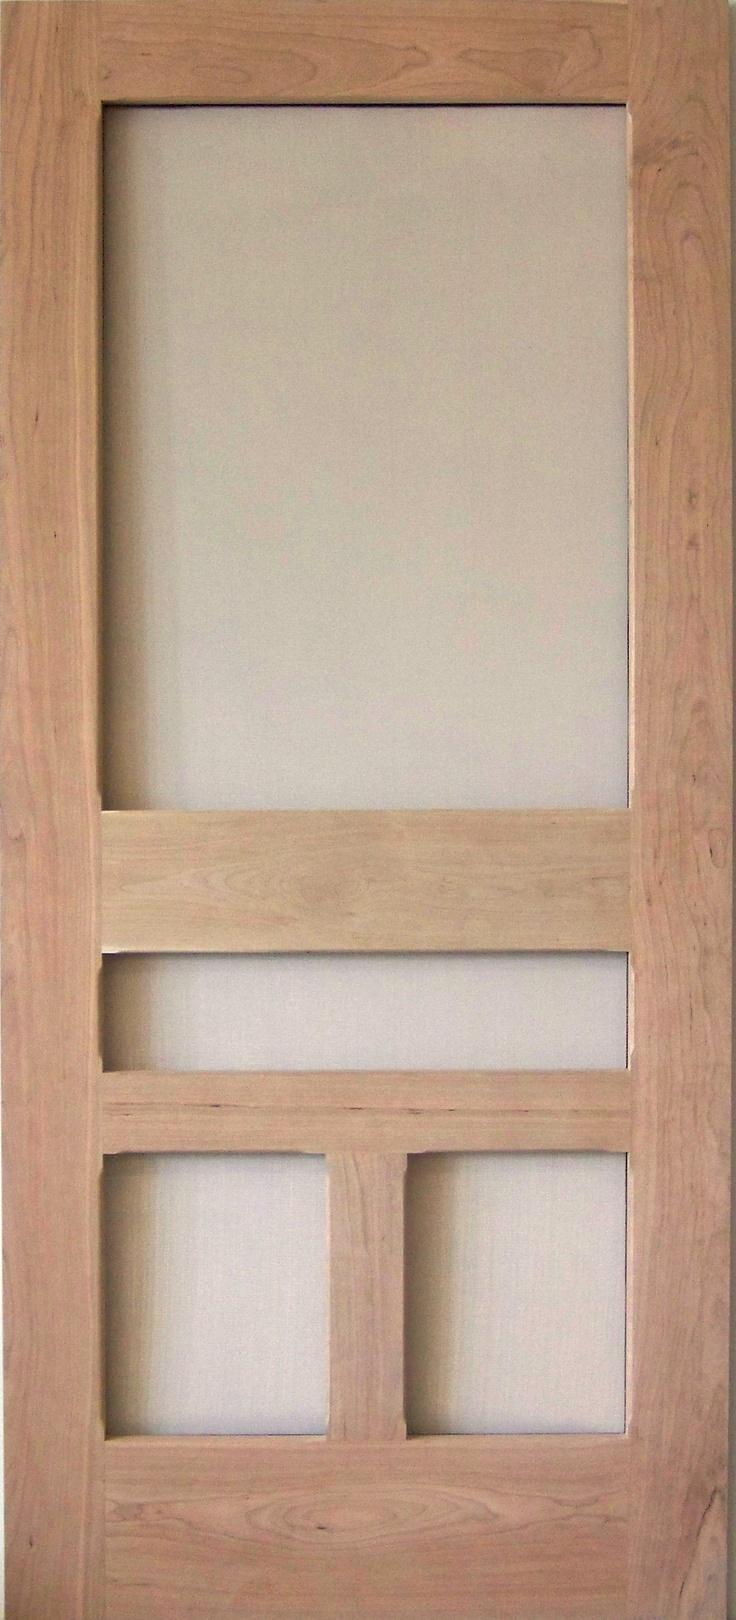 Traditional screen storm door fineview model www for Entry door with screen